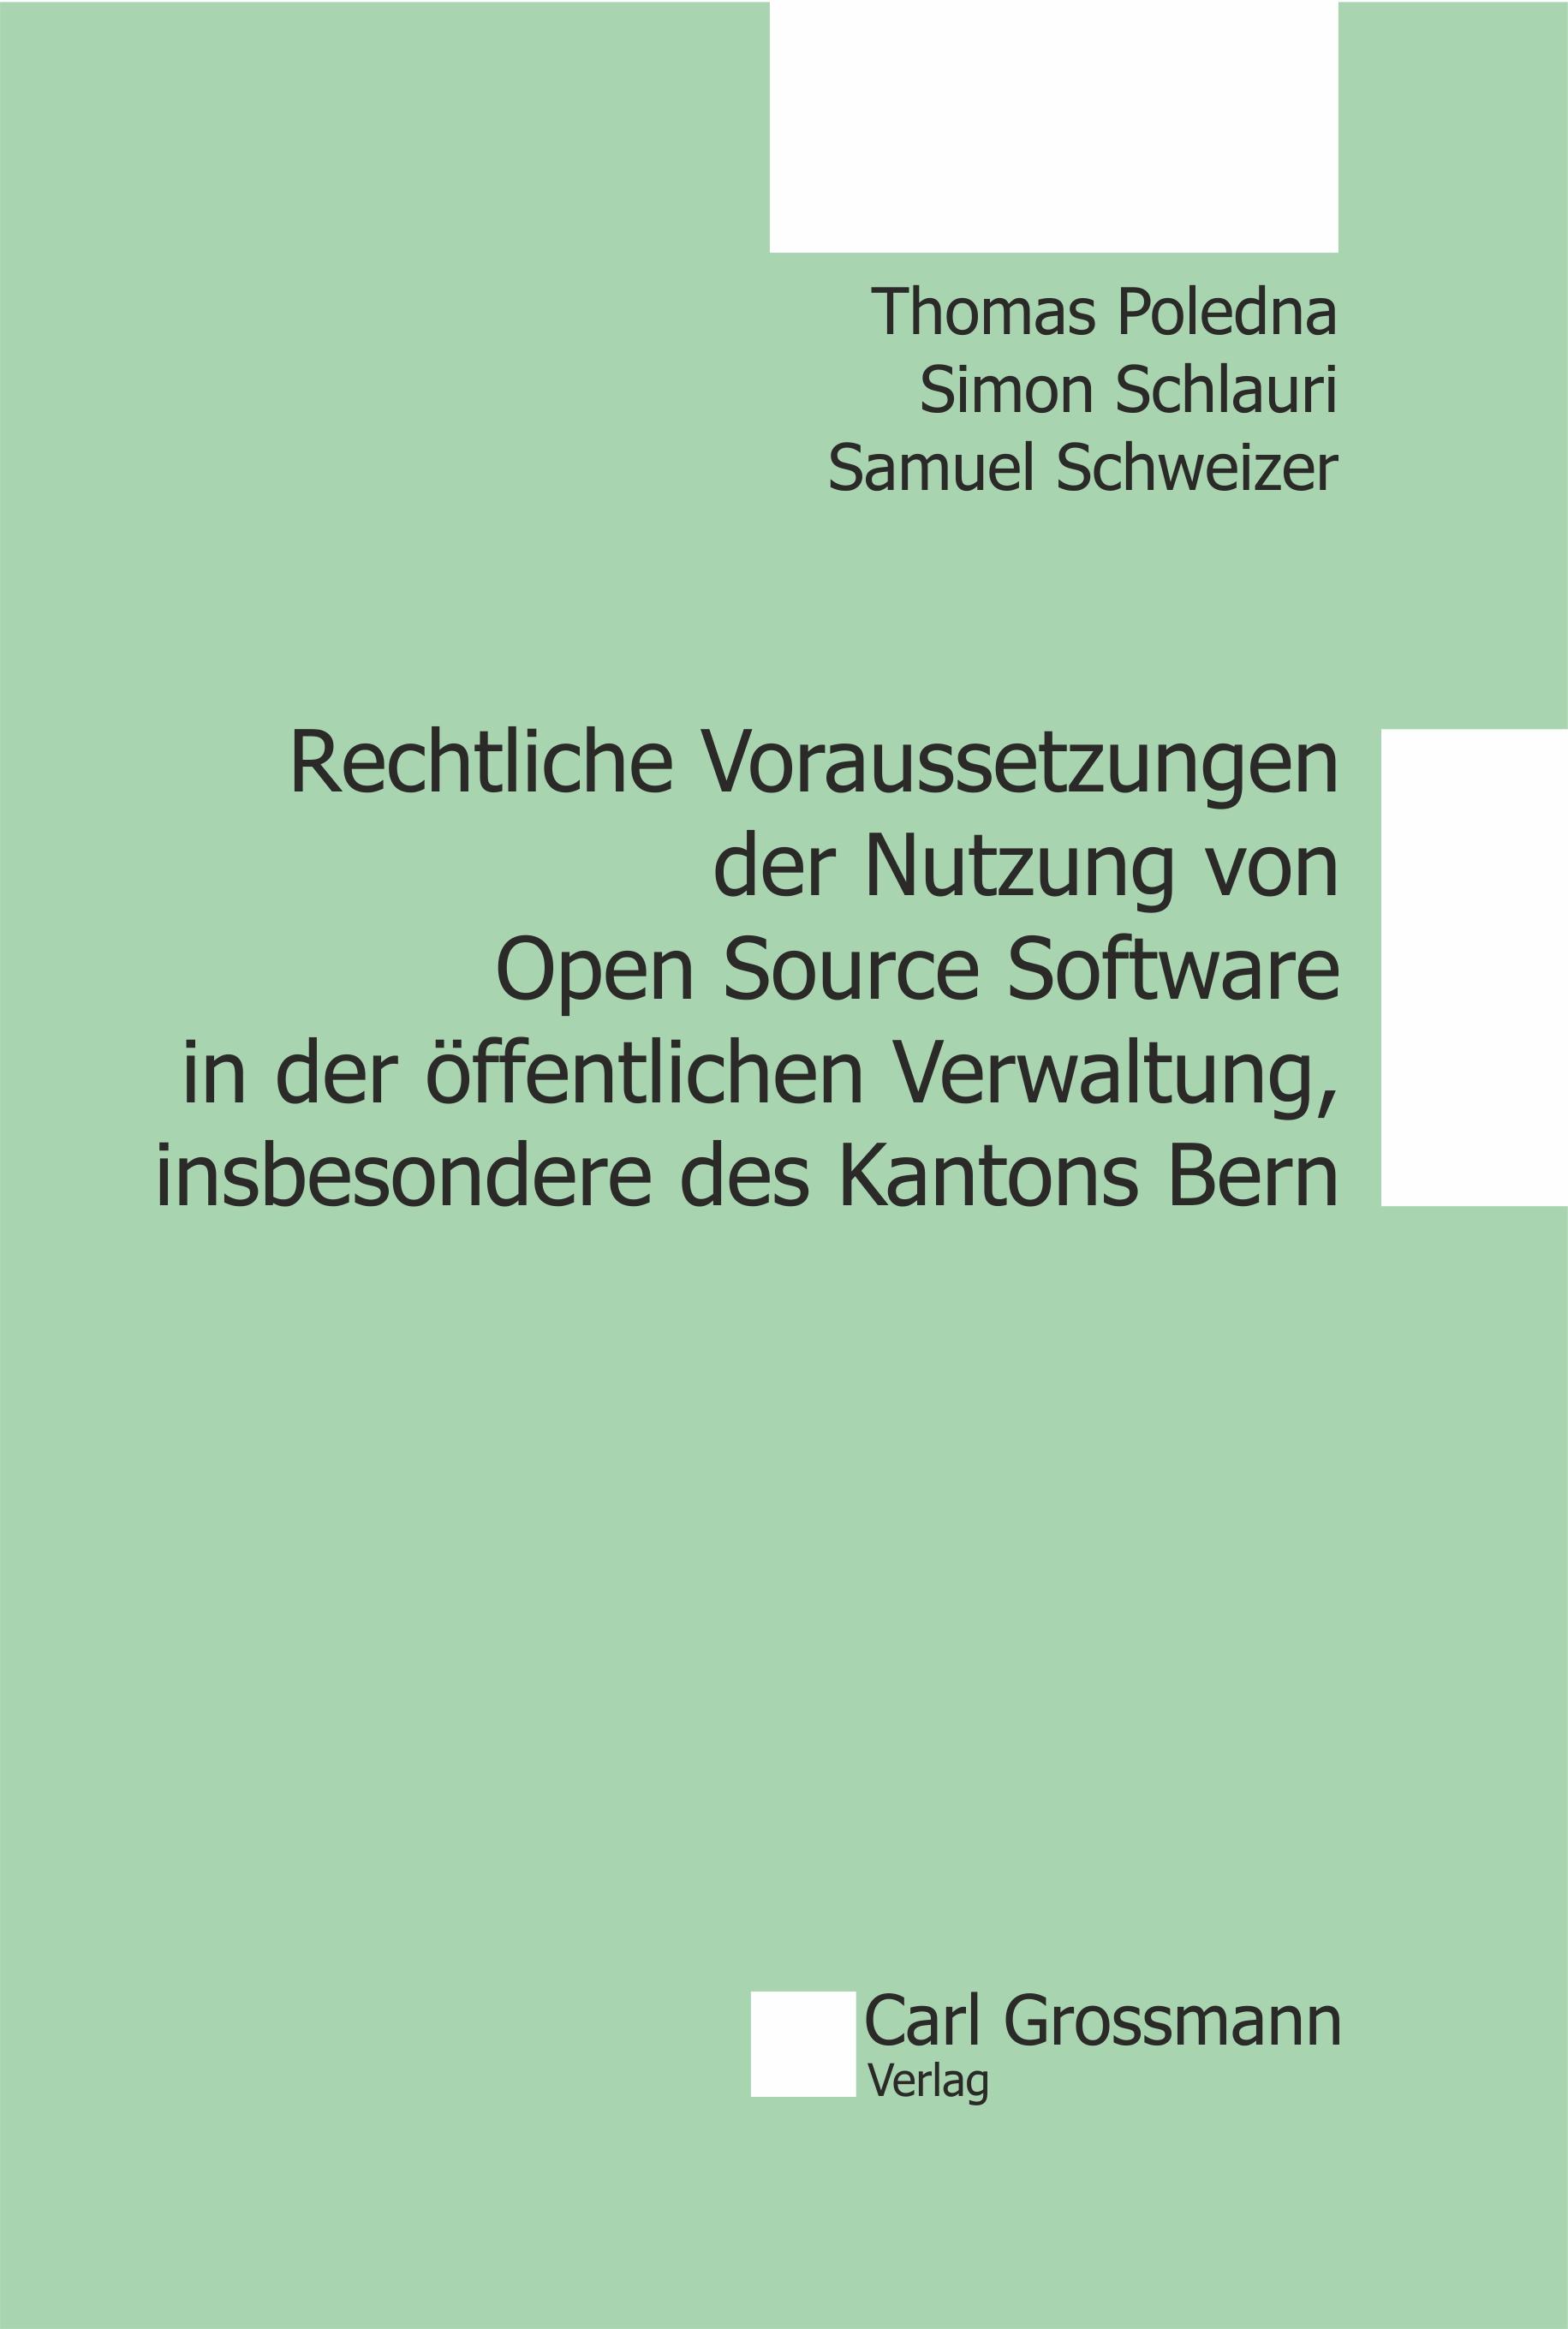 Poledna, Schlauri, Schweizer: Rechtliche Voraussetzungen der Nutzung von Open Source Software in der öffentlichen Verwaltung, insbesondere des Kantons Bern